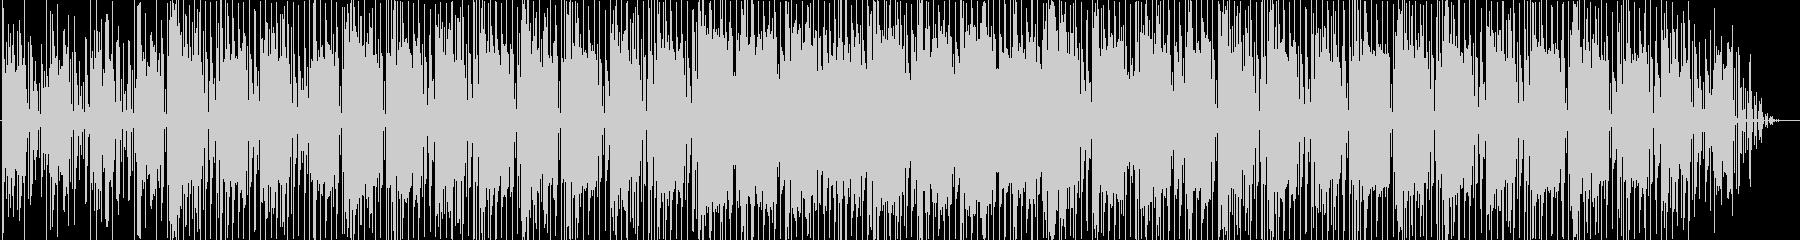 レゲエっぽいエレクトロニカですの未再生の波形